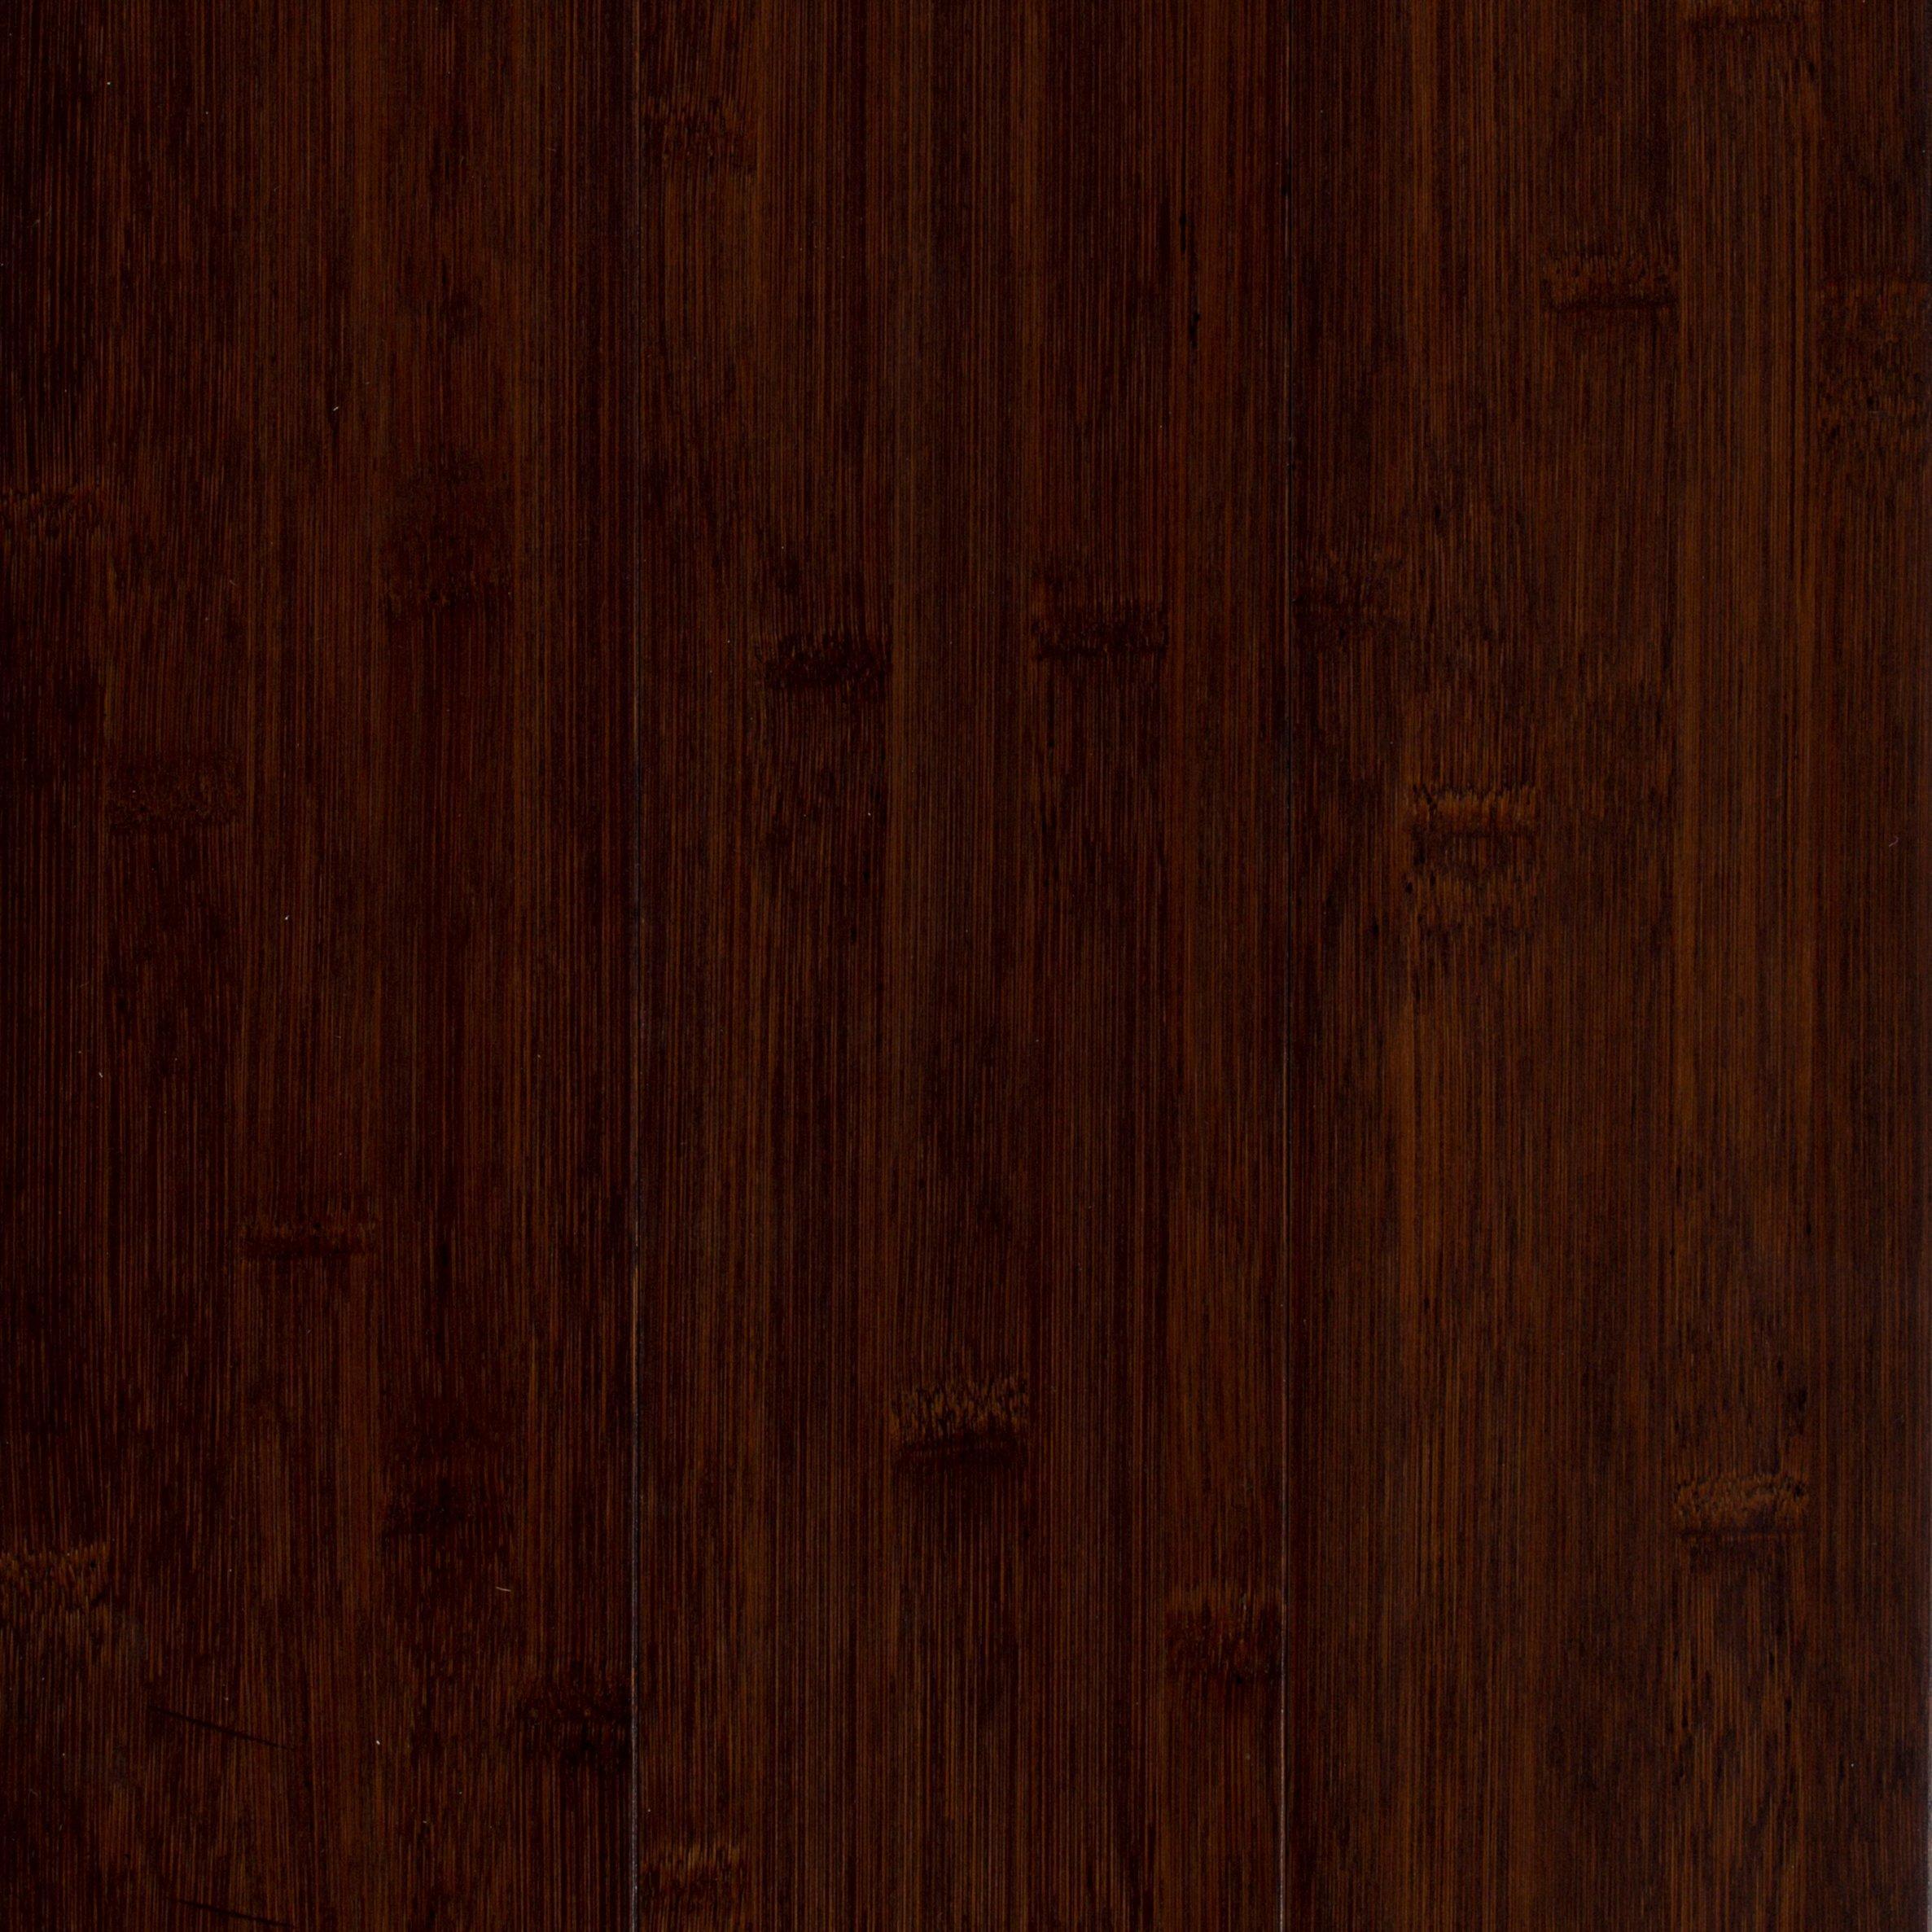 Bamboo Wood FlooringFloorDecor